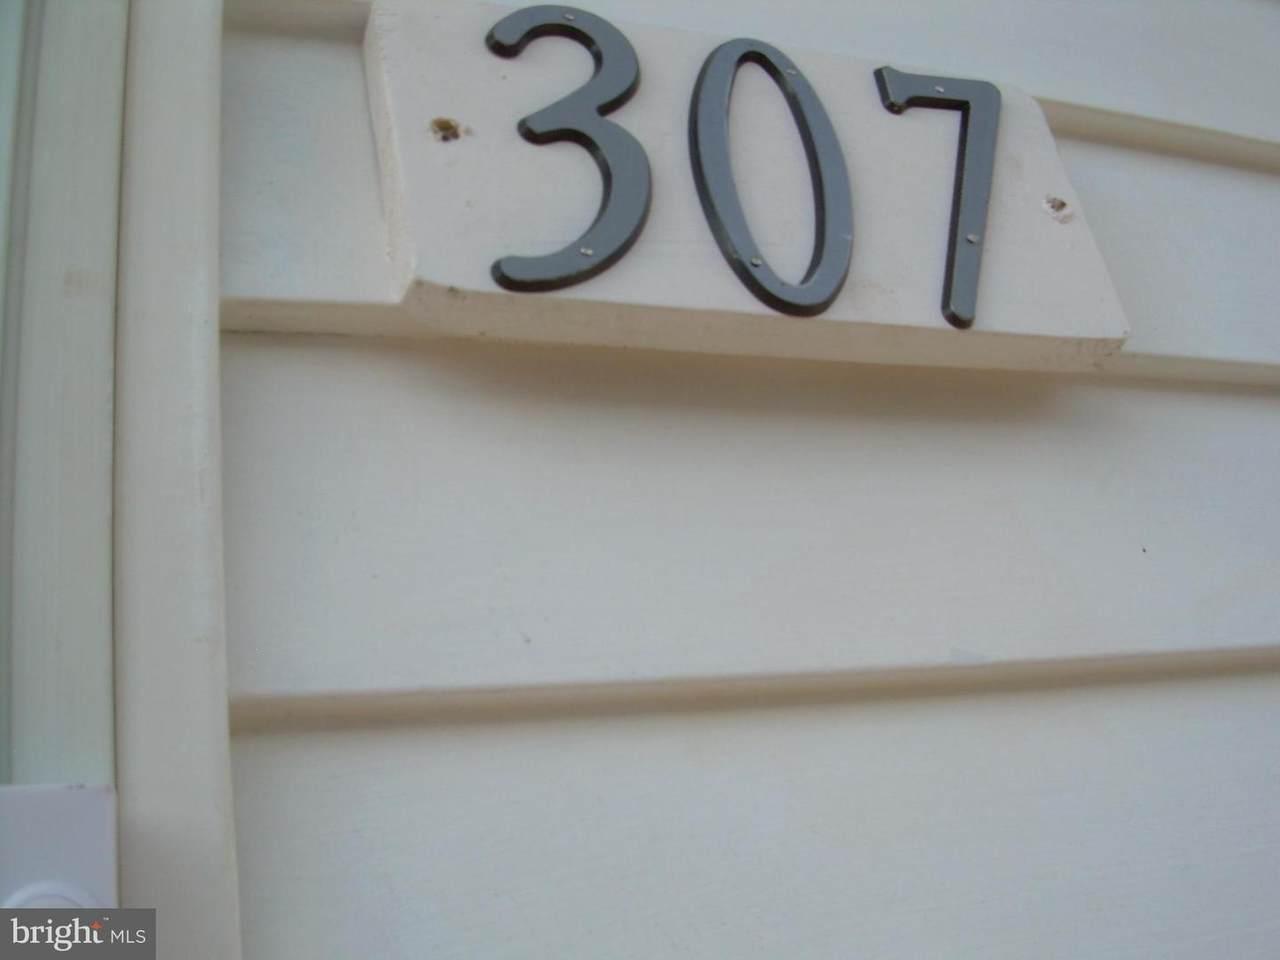 307 Delphine Street - Photo 1